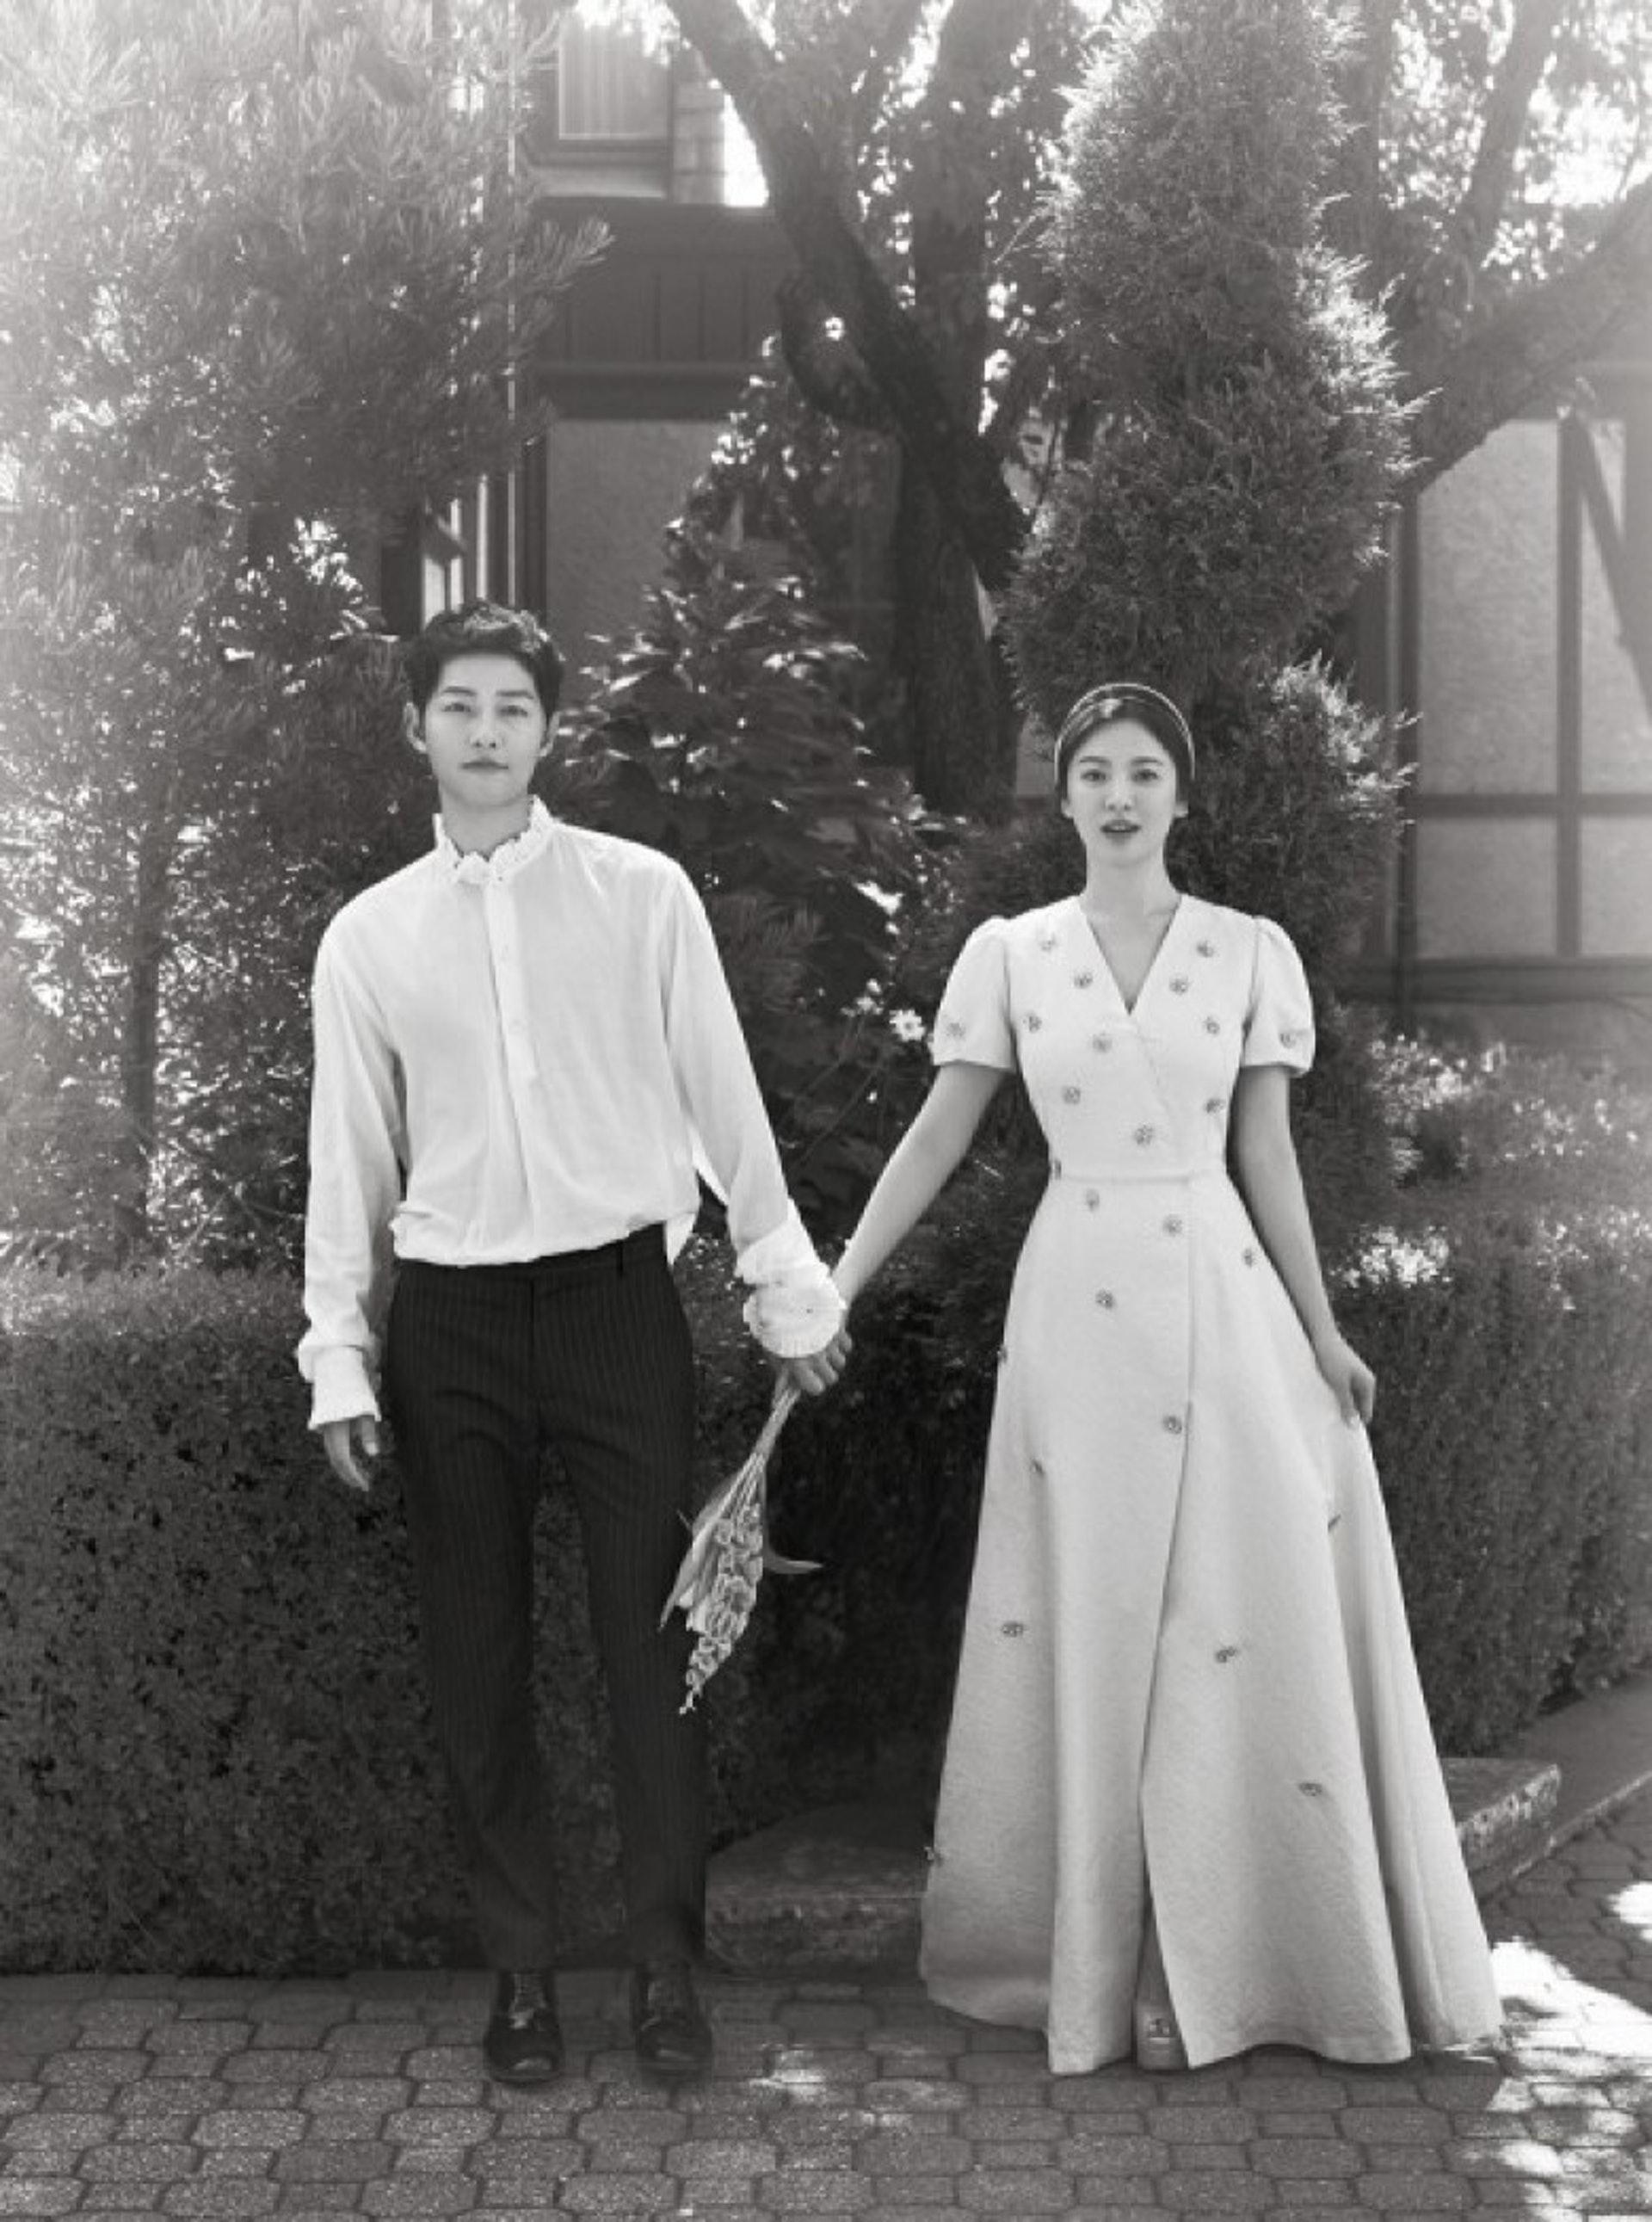 二人的經紀人公司昨晚發佈婚照,當中的裙子比婚紗風格清新。(UAA、Blossom娛樂)